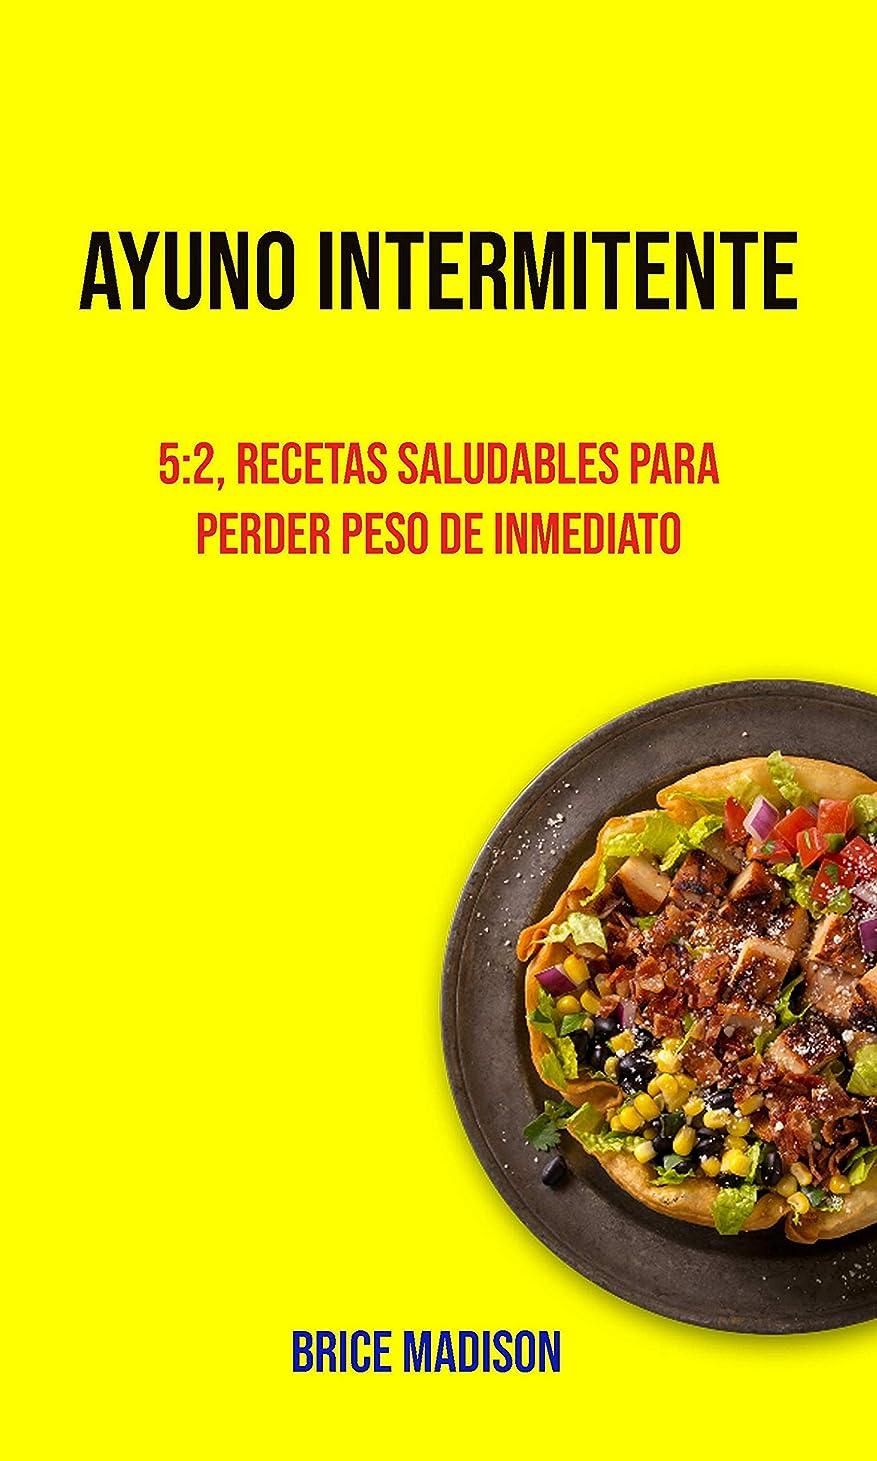 アセンブリ想像するこっそりAyuno Intermitente: 5:2, Recetas Saludables Para Perder Peso De Inmediato (Spanish Edition)